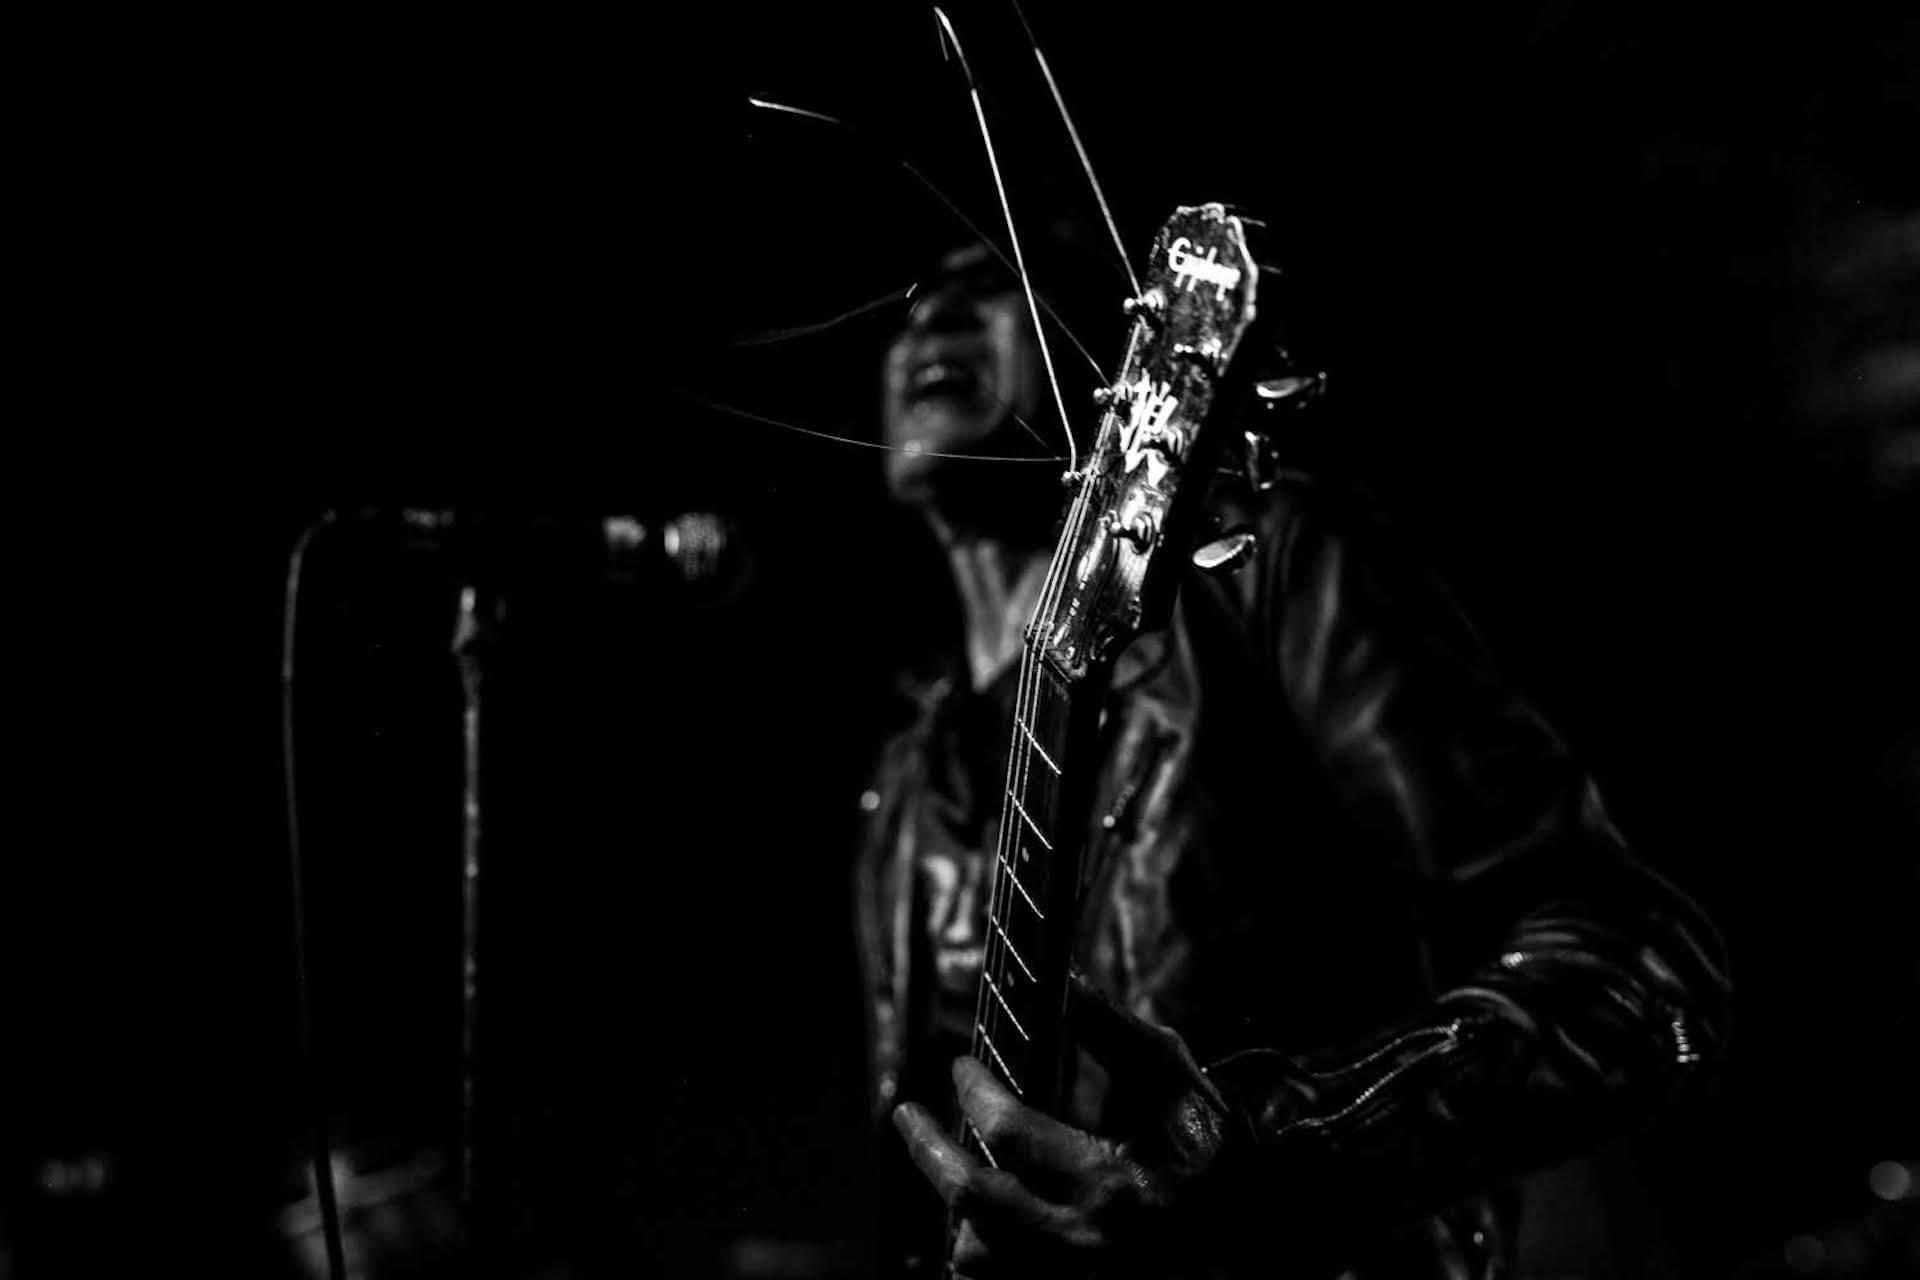 【前編】アメリカに熱狂をもたらす革ジャンの漢たち ギターウルフのアメリカツアー密着レポ column1909-guiterwolf-38